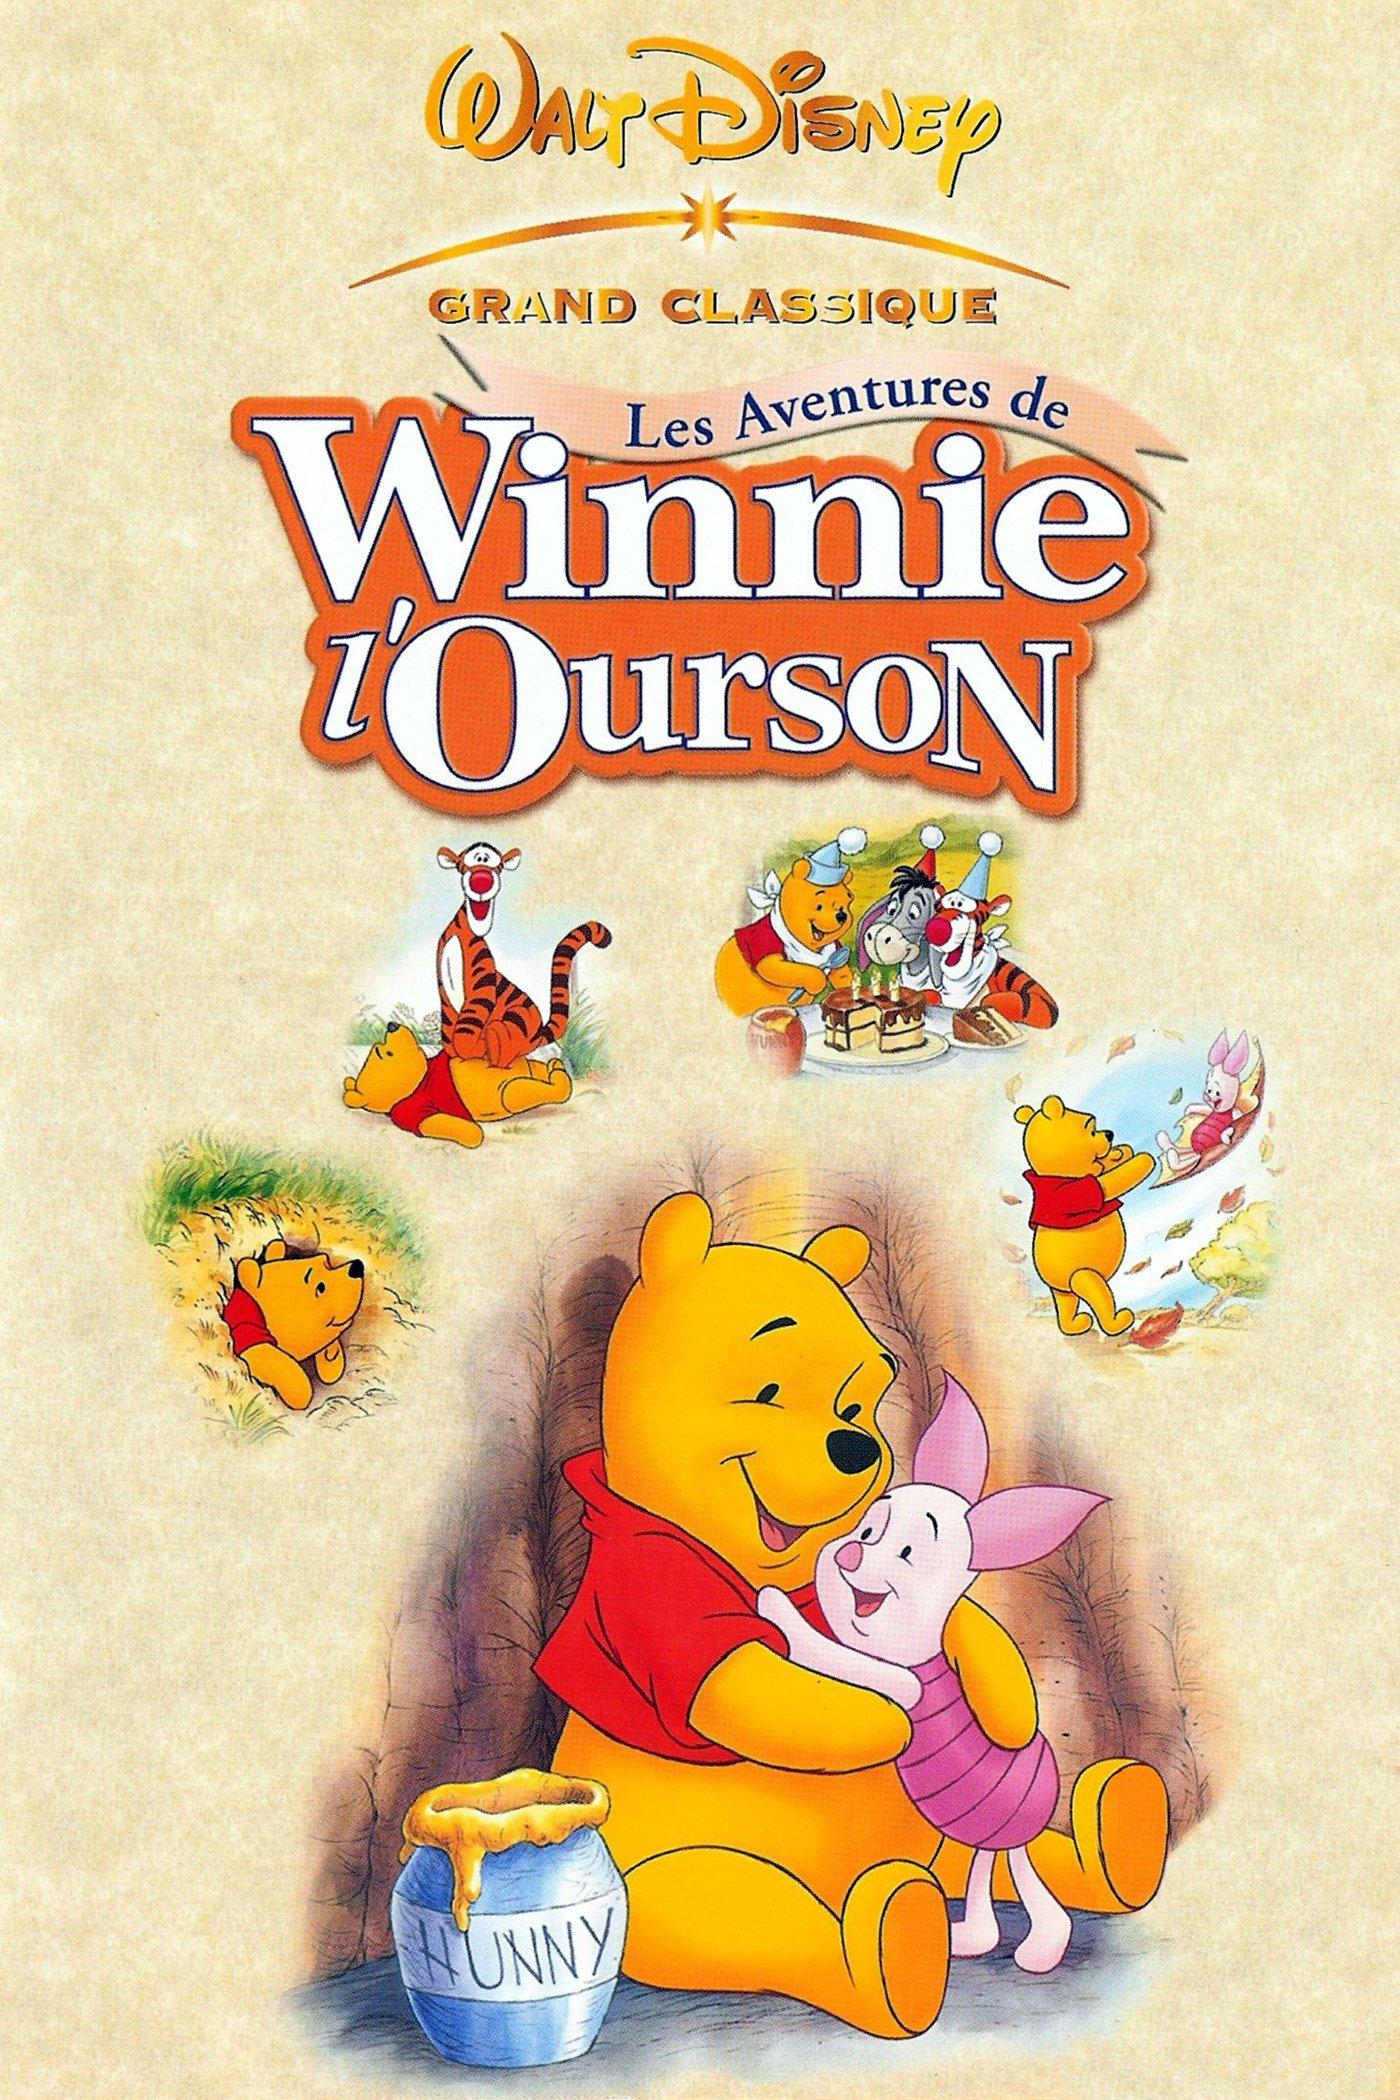 affiche du film Les aventures de Winnie l'ourson